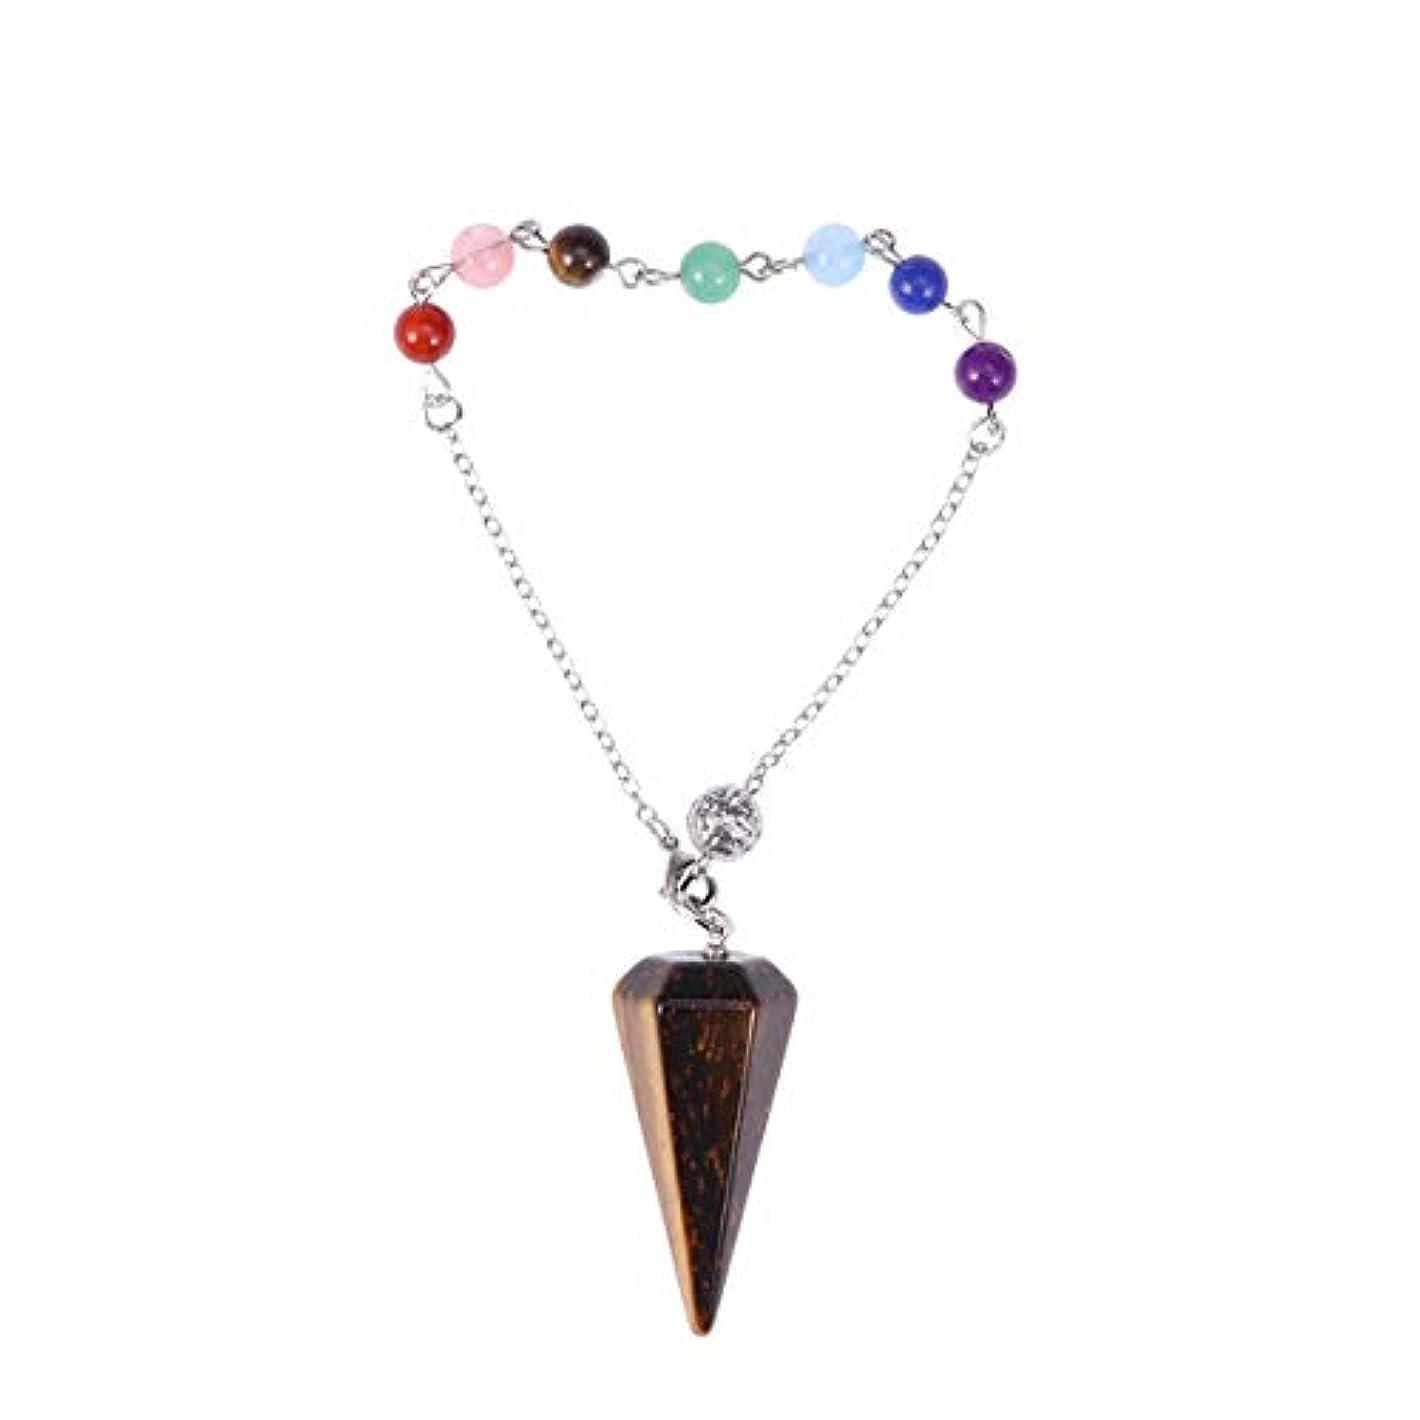 ポップサイトラインアンティークHEALIFTY 天然水晶六角形ペンダントチャクラチェーンペンダント(タイガーアイ宝石)